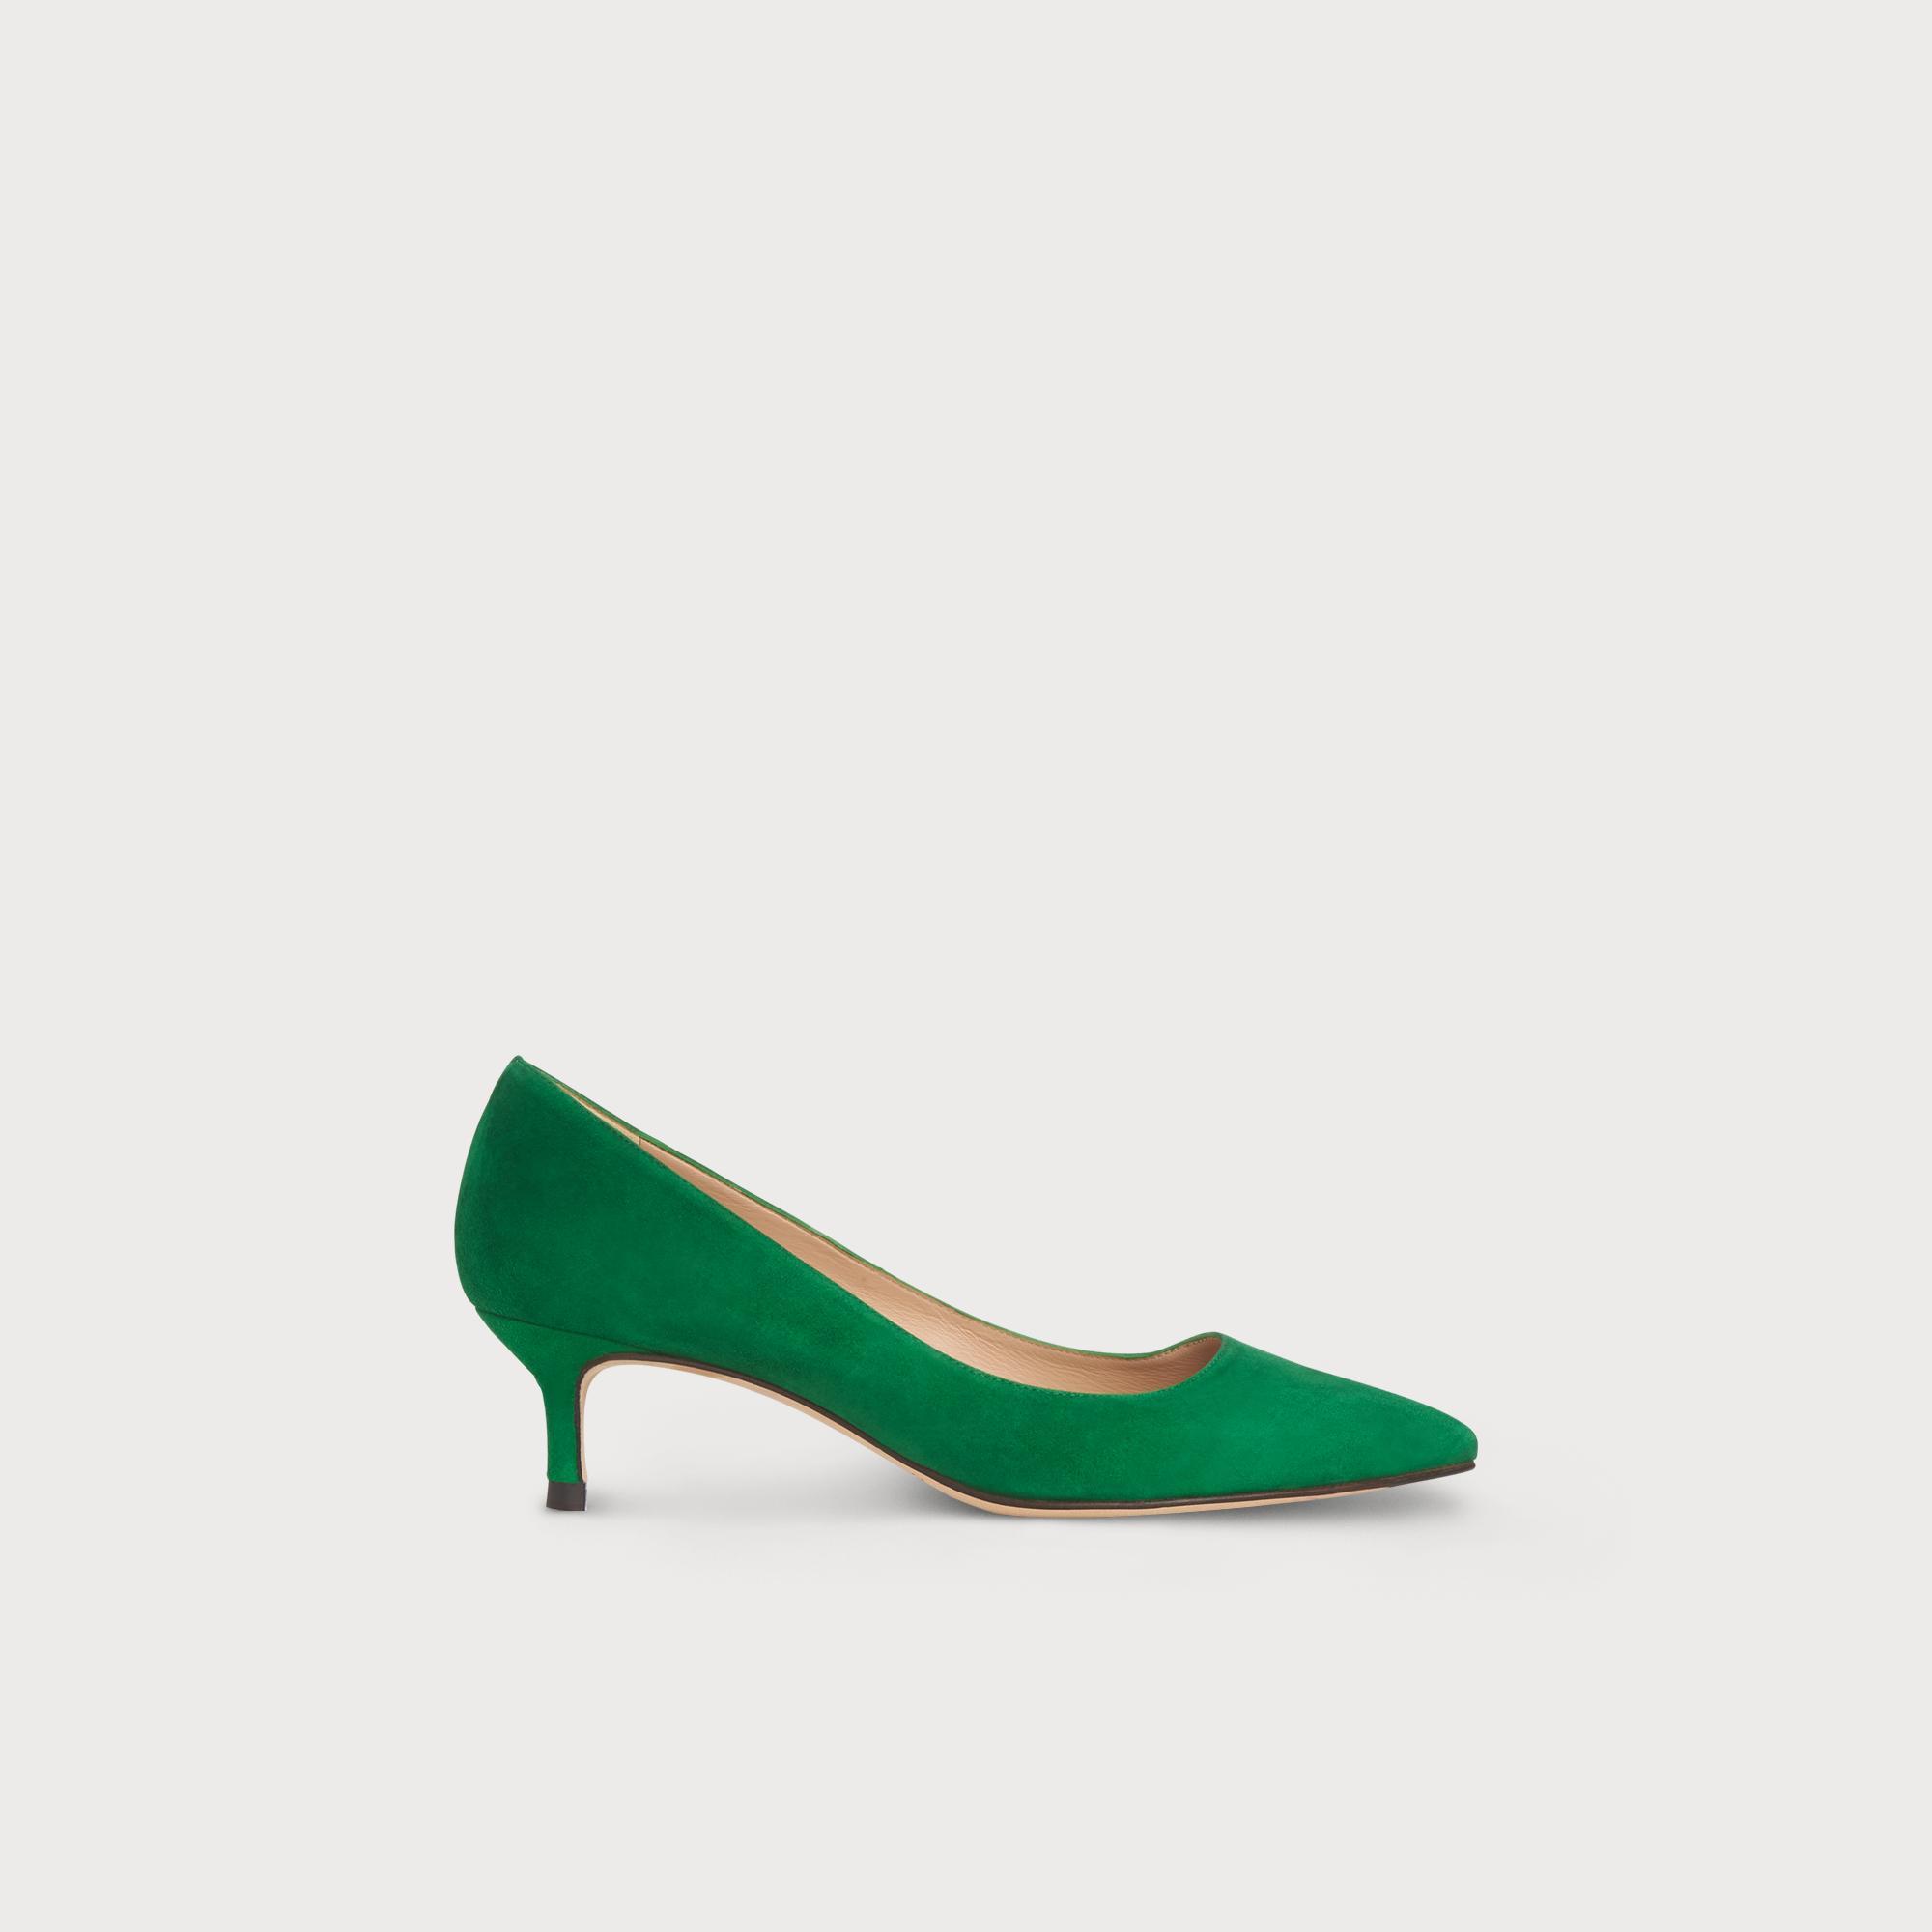 Audrey Green Suede Heel